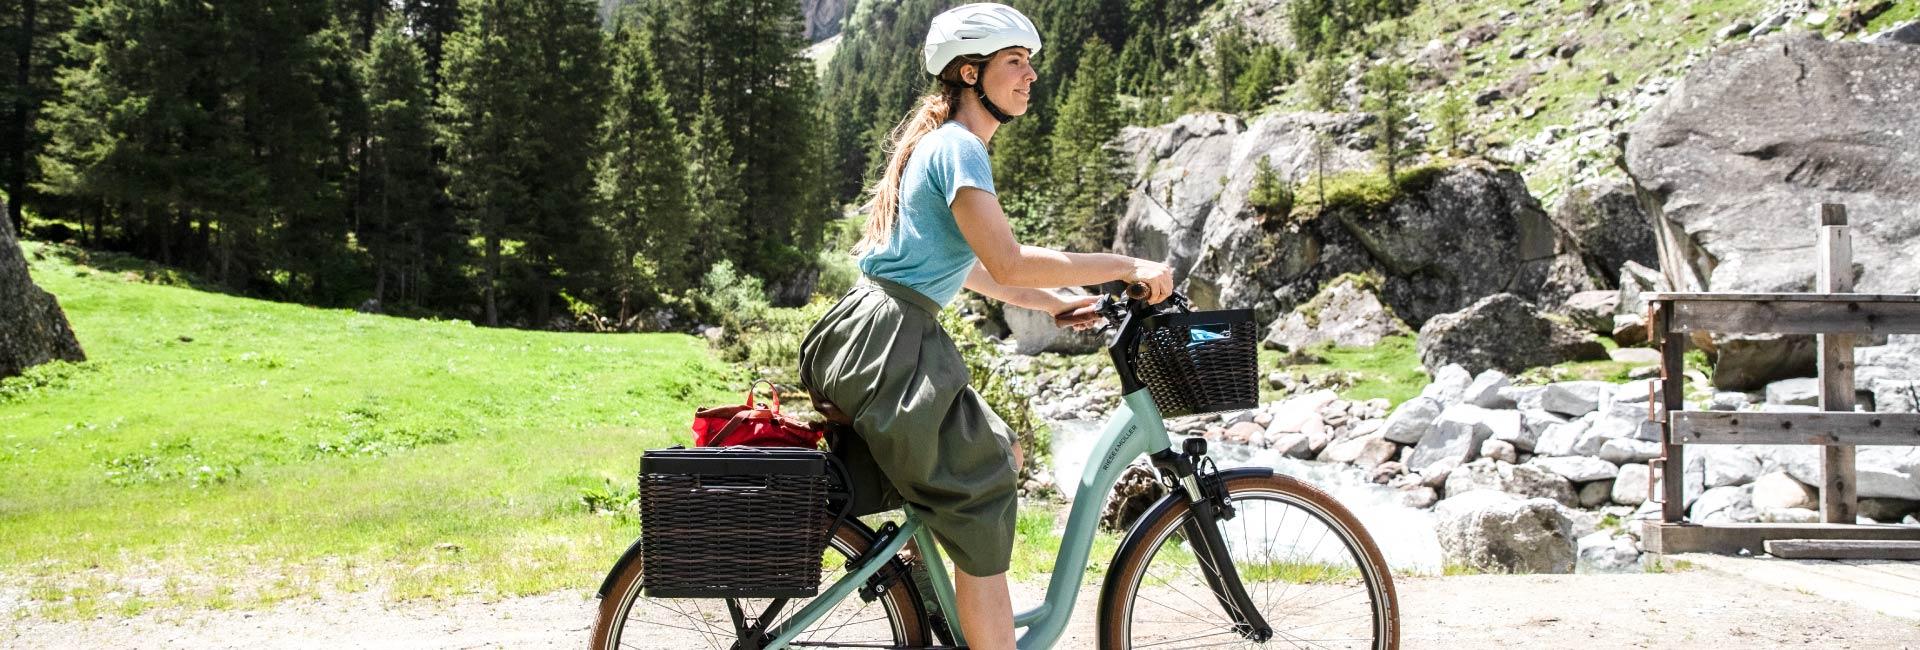 Frau fährt auf einem Trekking e-Bike von Riese und Müller